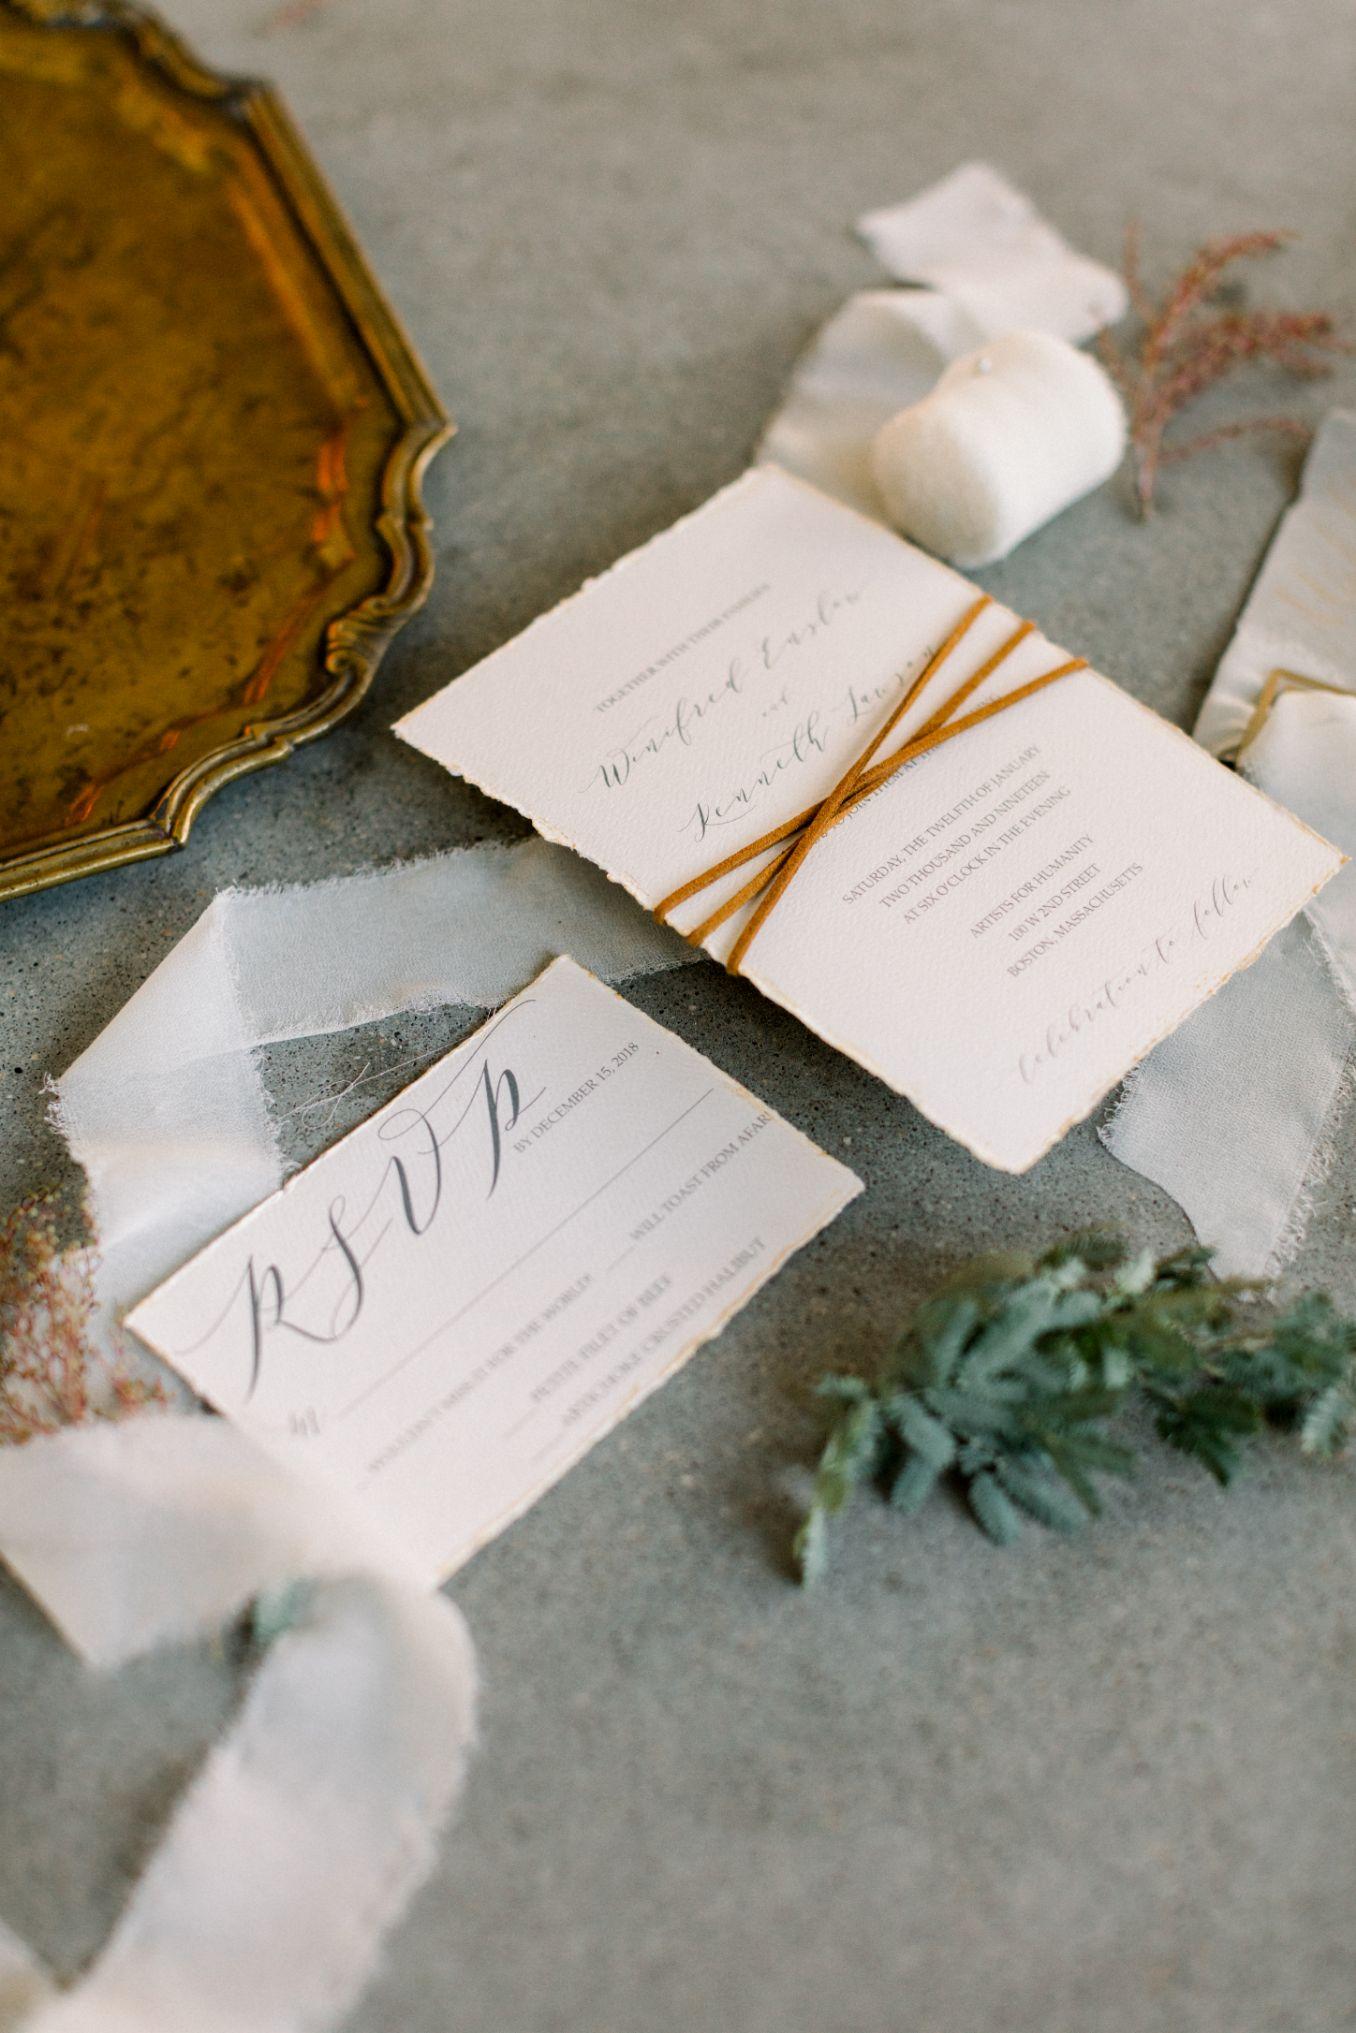 artists-for-humanity-industrial-bohemian-wedding-daylynn-designs35.jpg